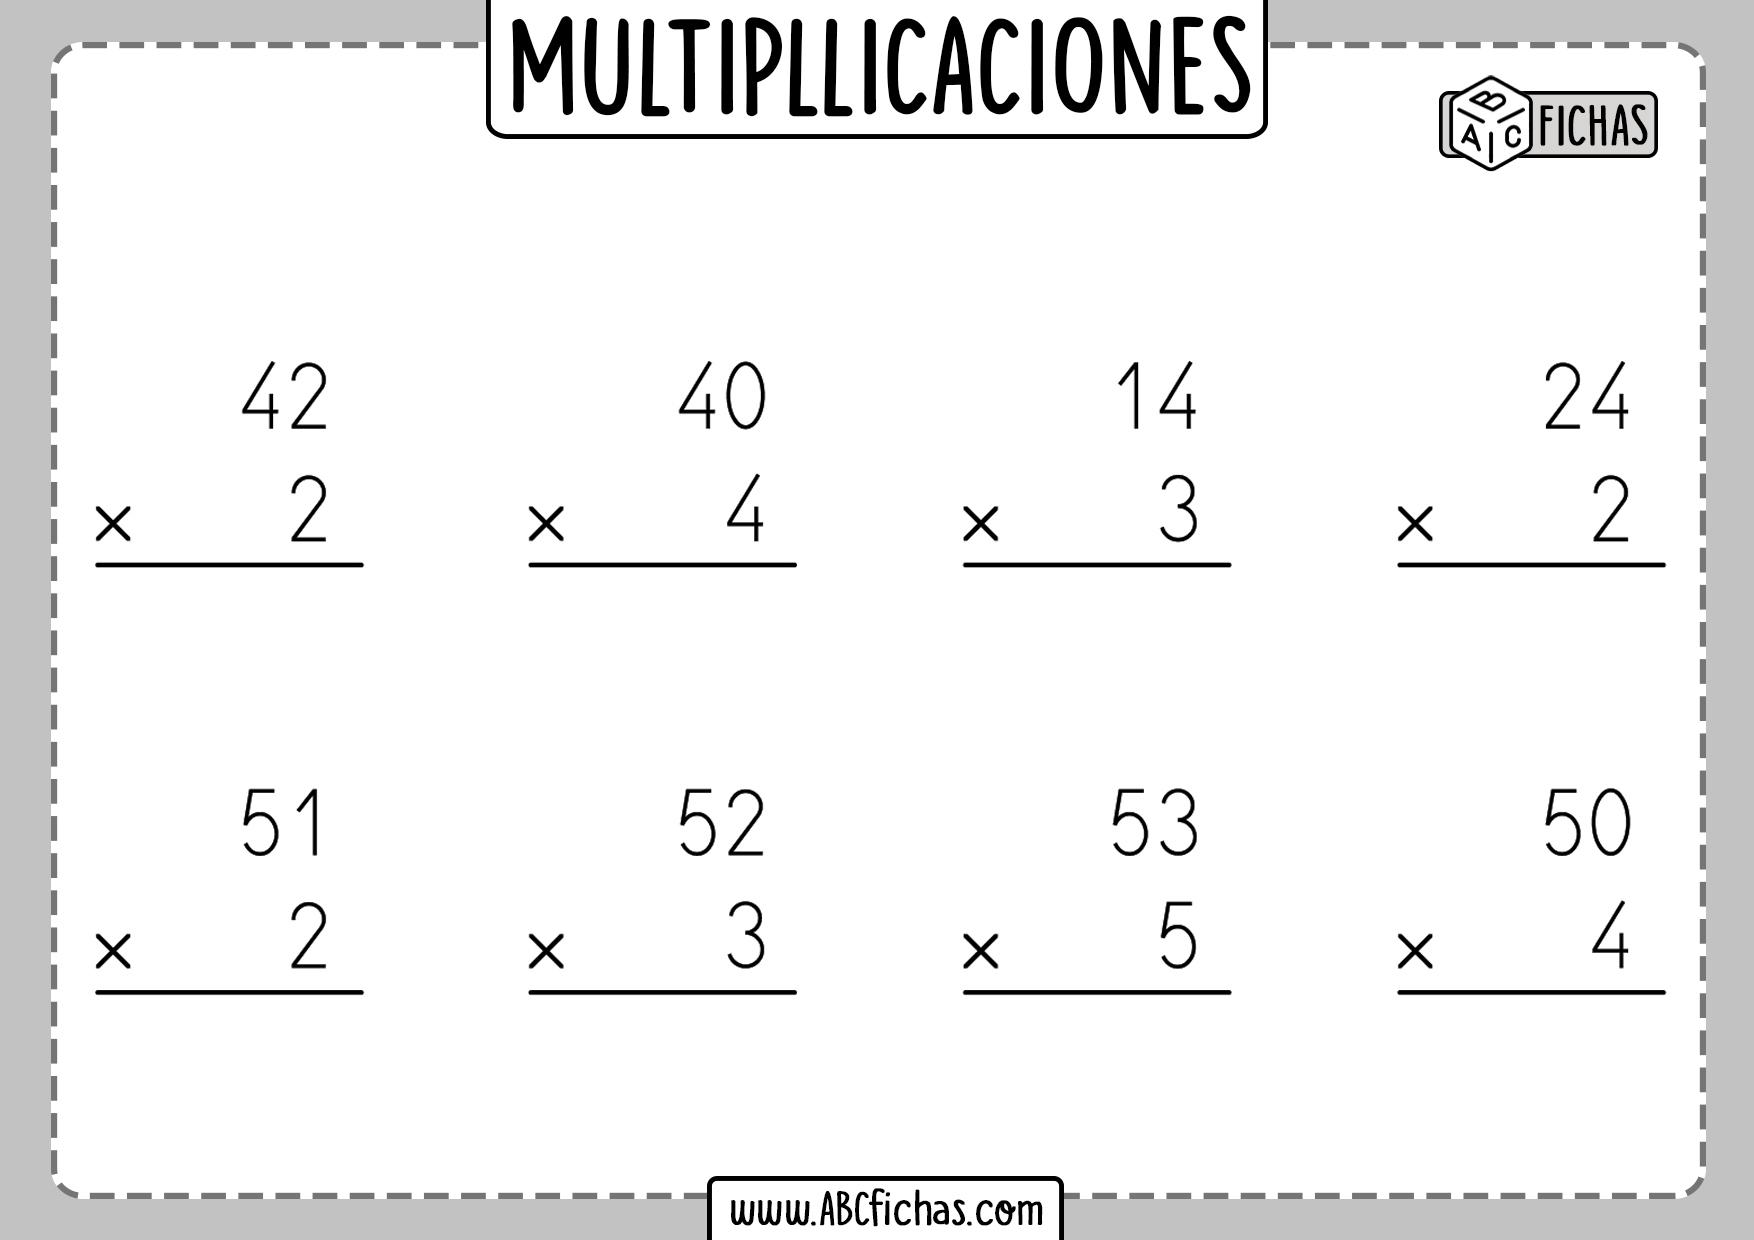 Fichas de multiplicaciones de 1 cifra